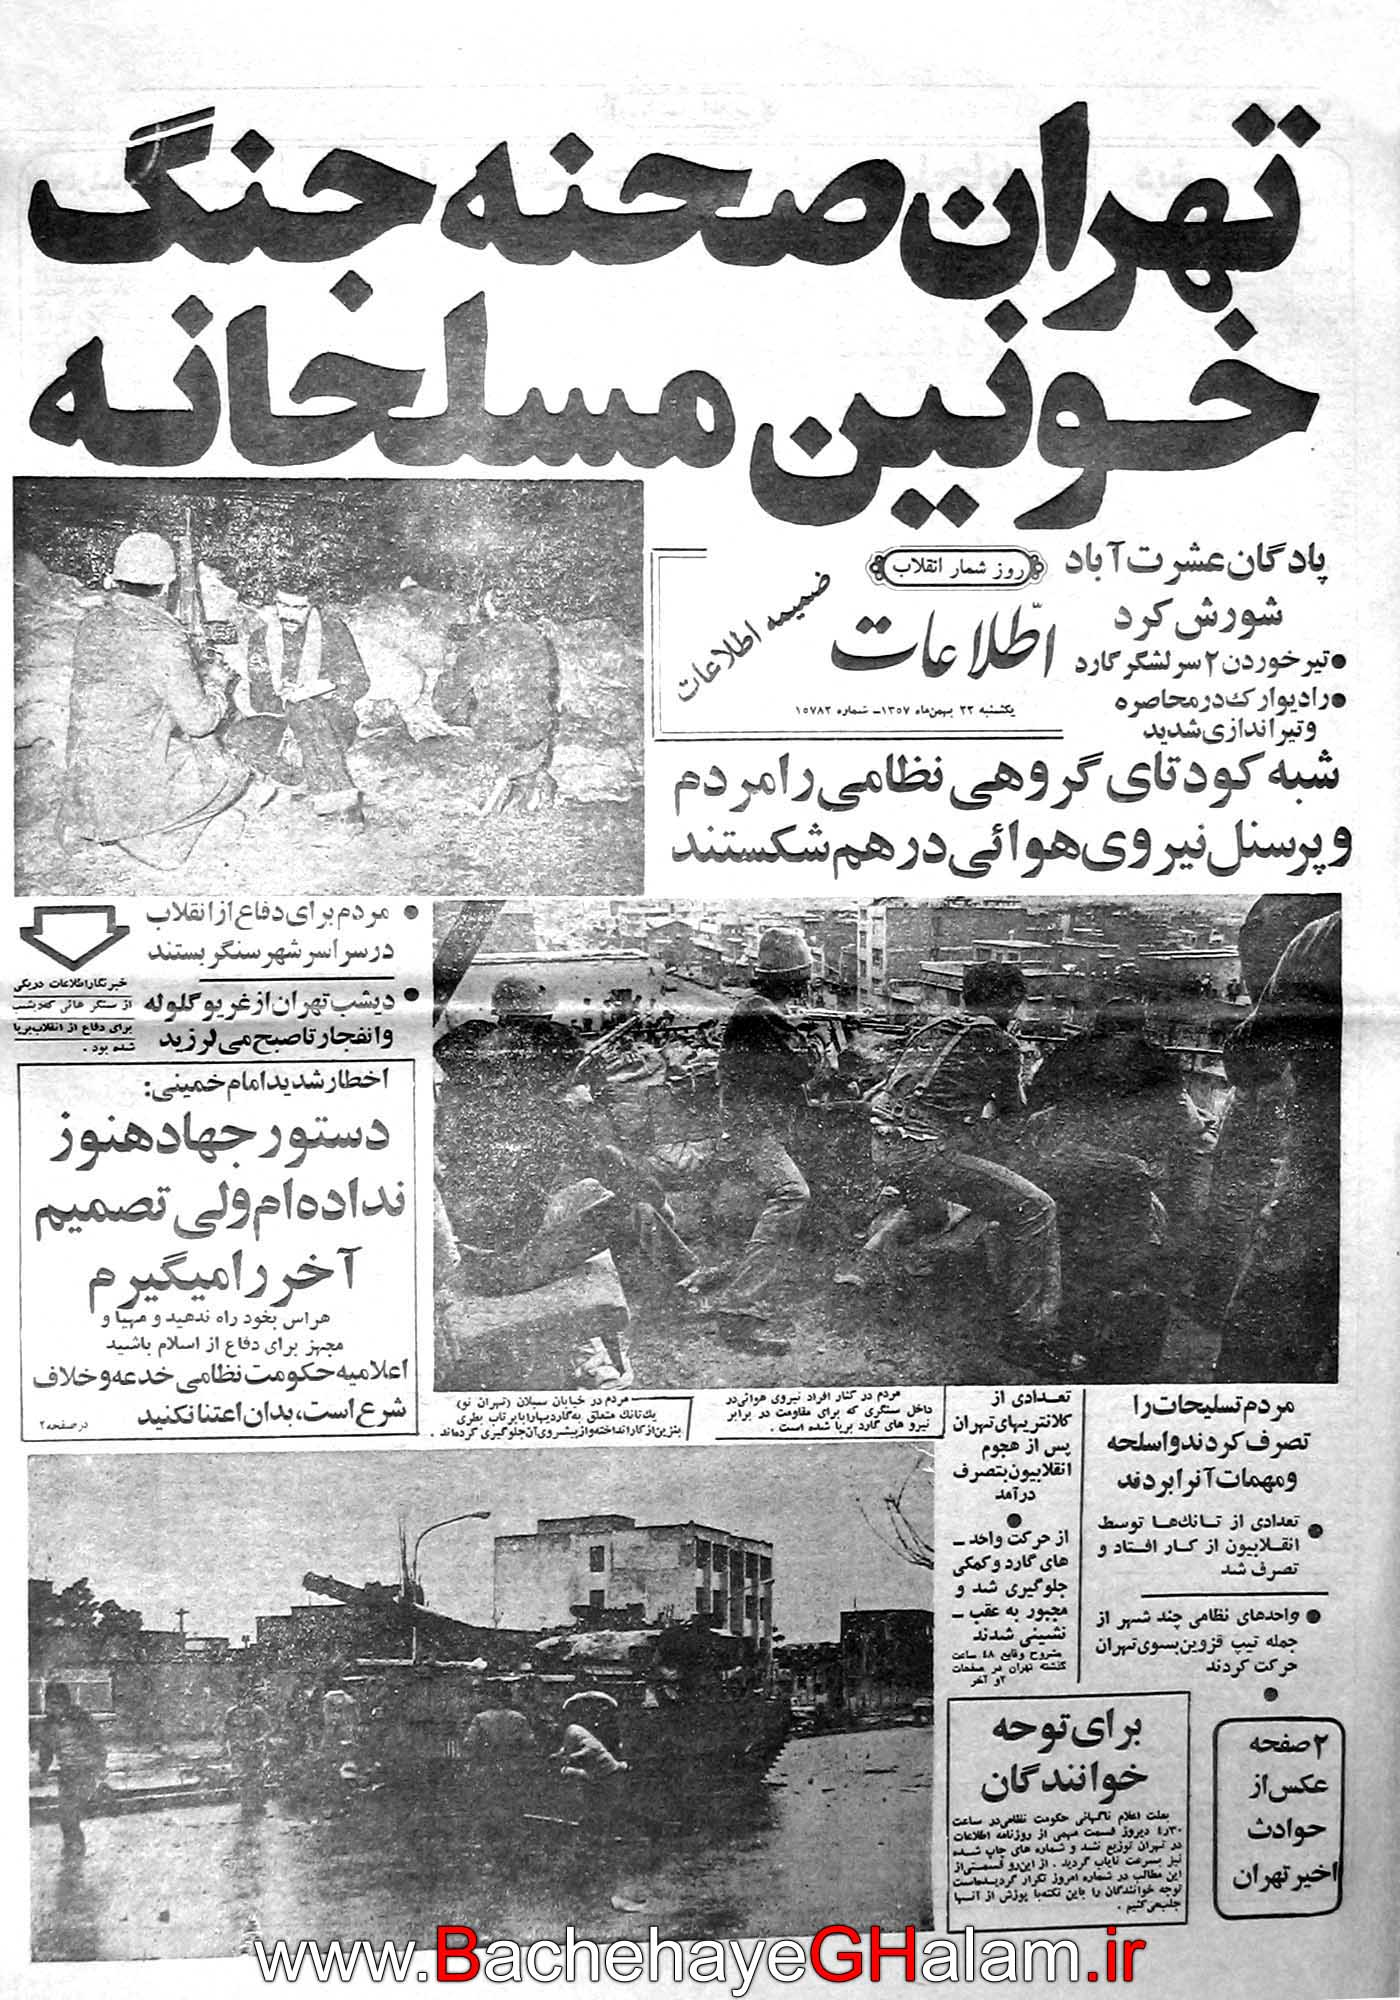 وقايع 18 بهمن تا 22 بهمن57